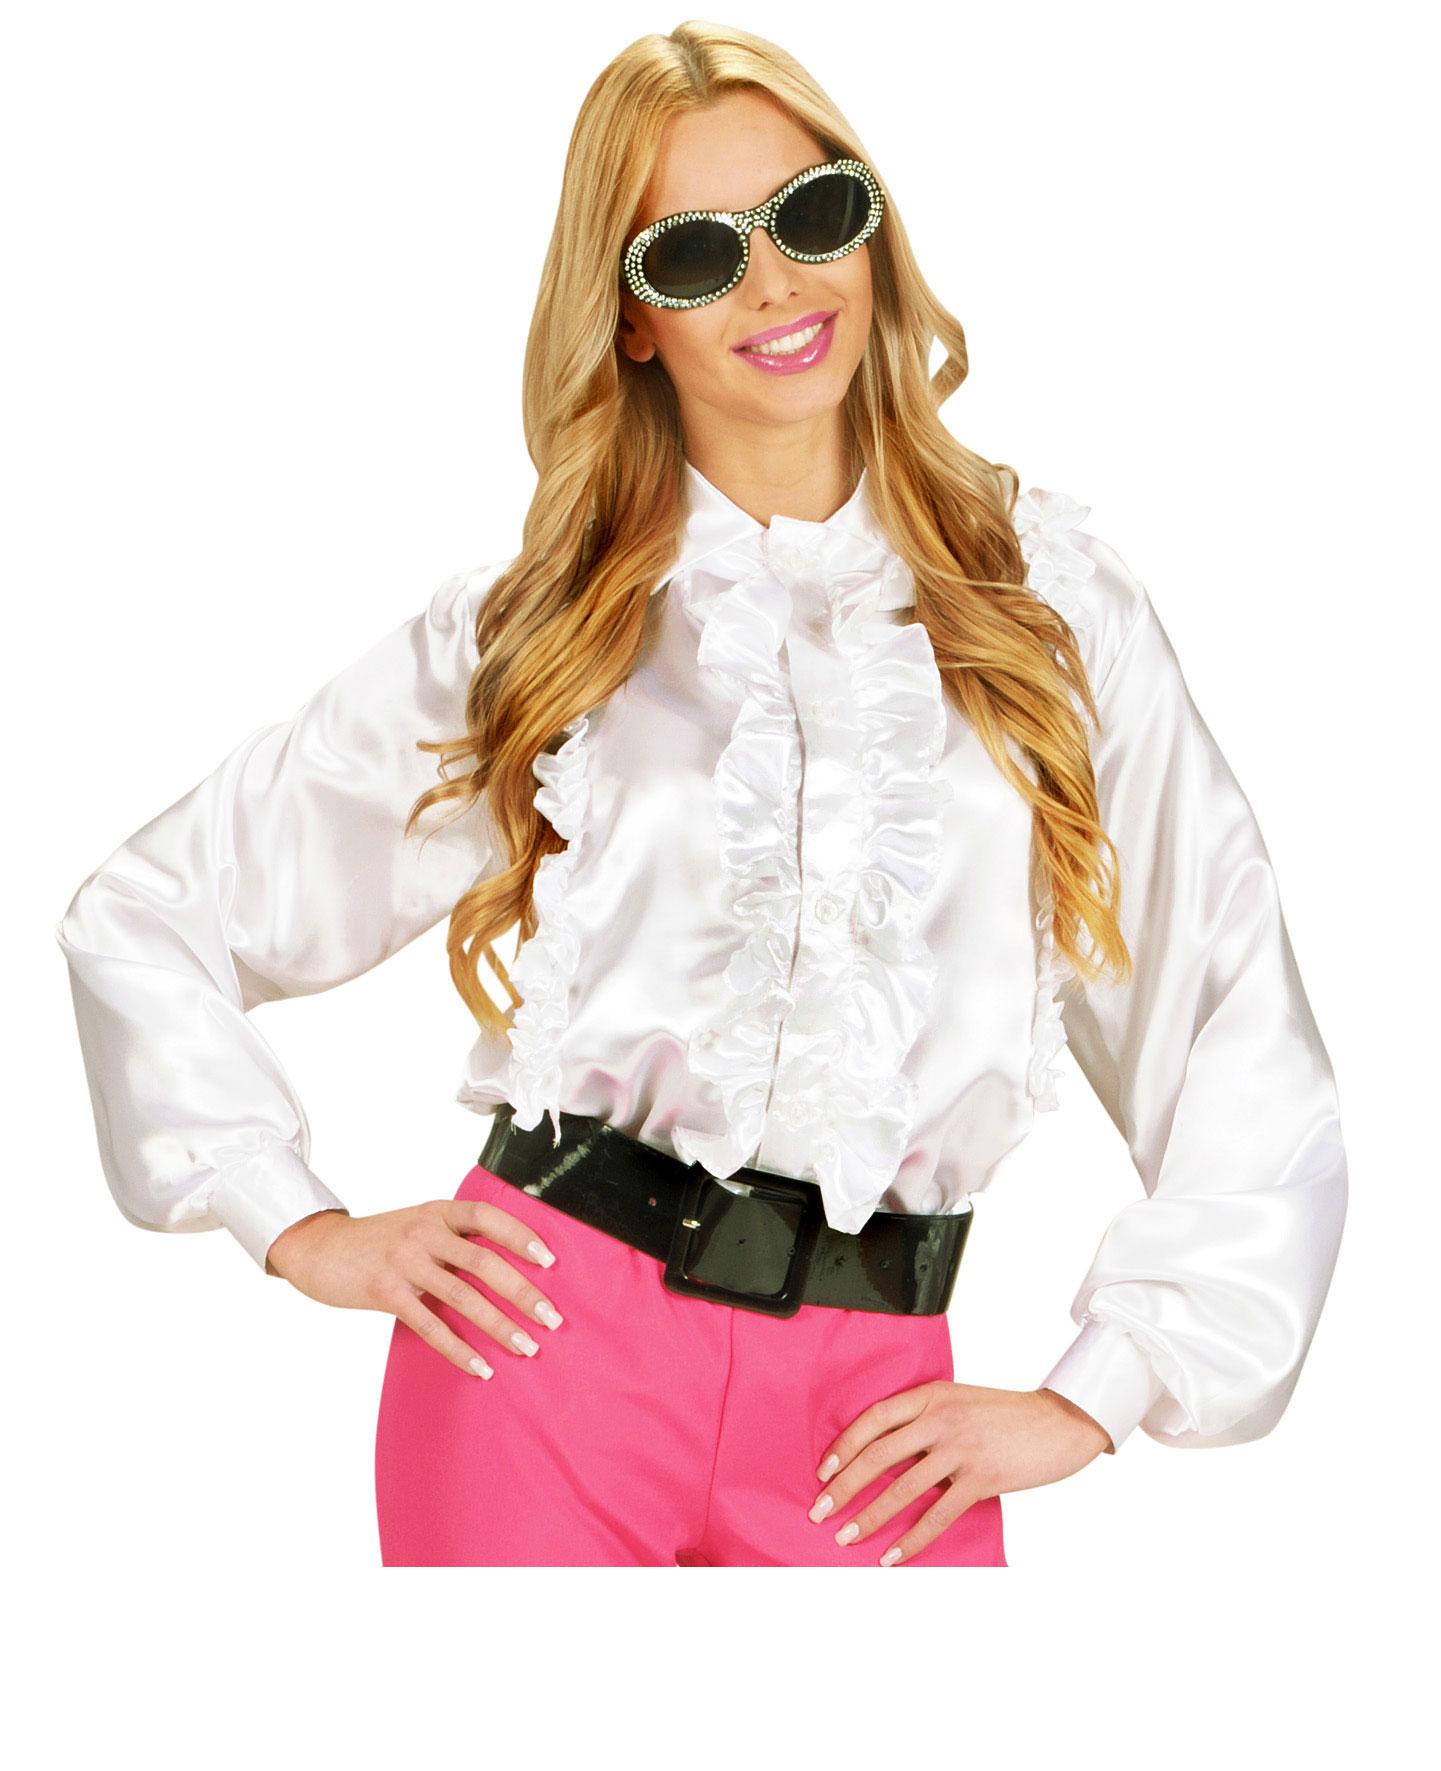 323b0f6549d90 Camisas baratas para disfraces adultos en Vegaoo.es